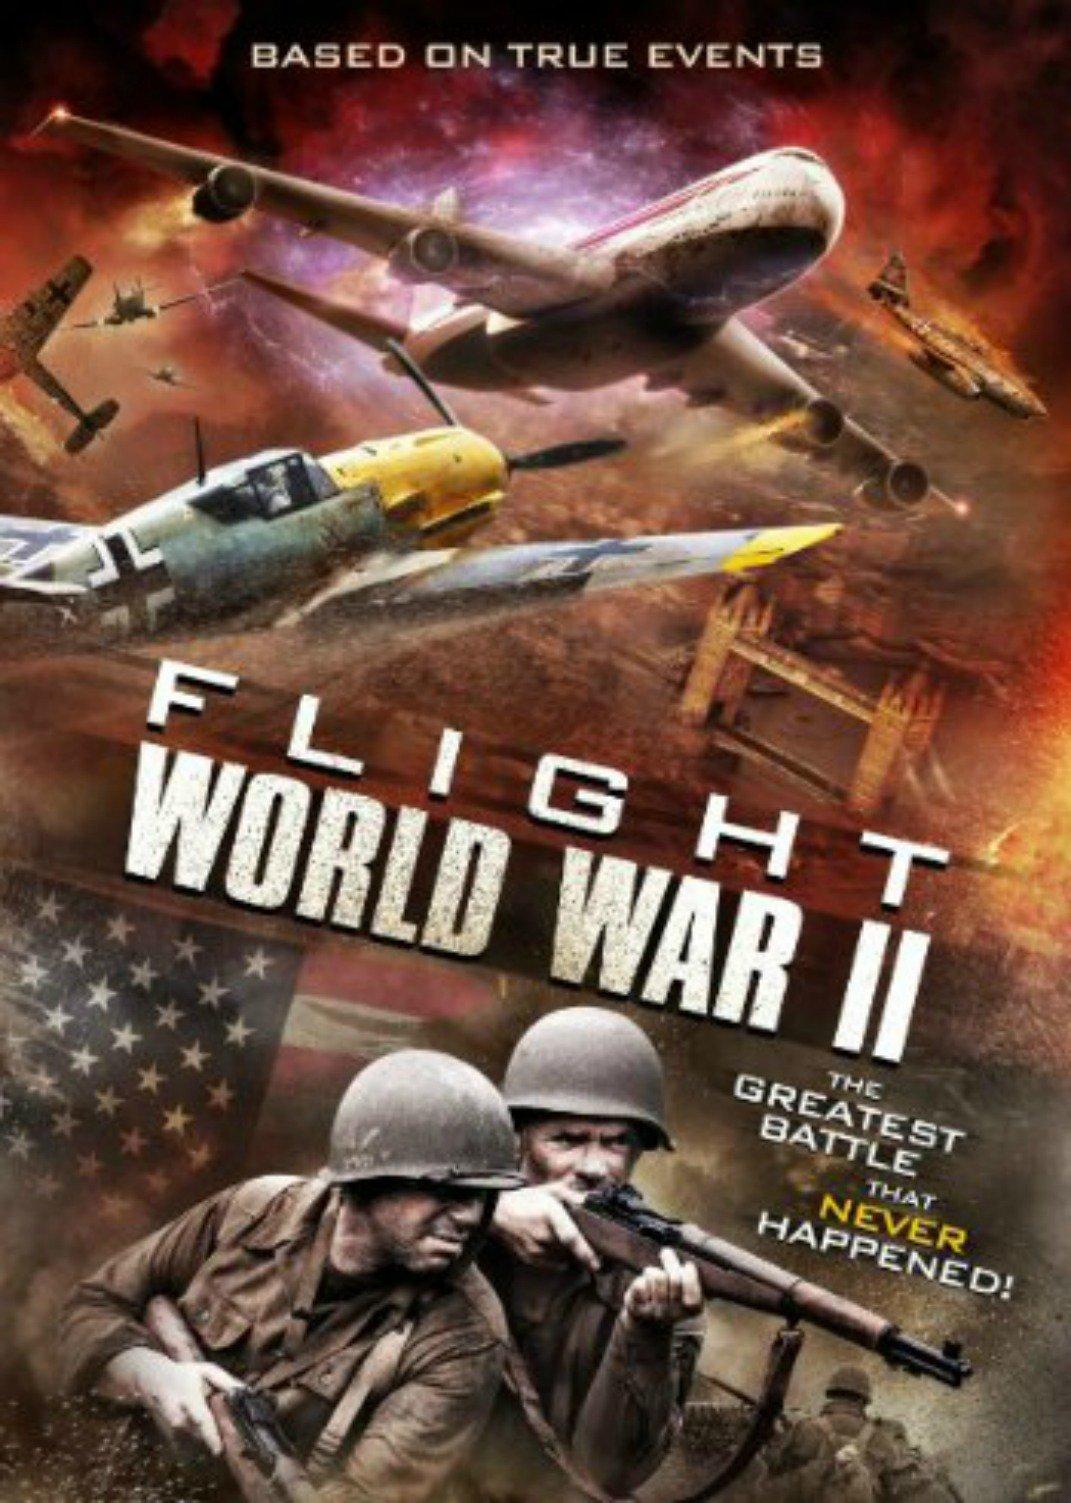 Cơn Bão Thời Gian - Flight World War II